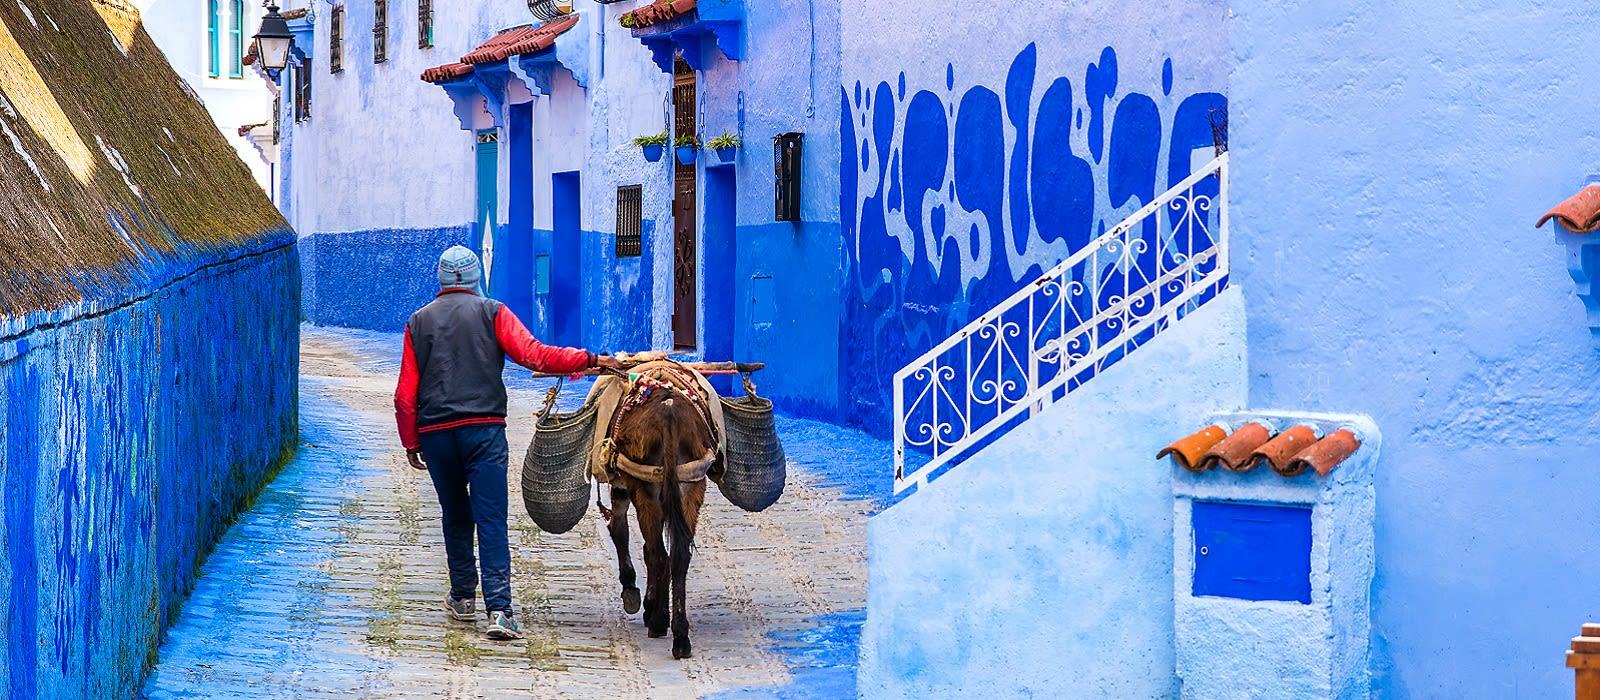 Marokko: Geschäftige Souks, majestätische Gipfel & goldene Sahara Urlaub 6